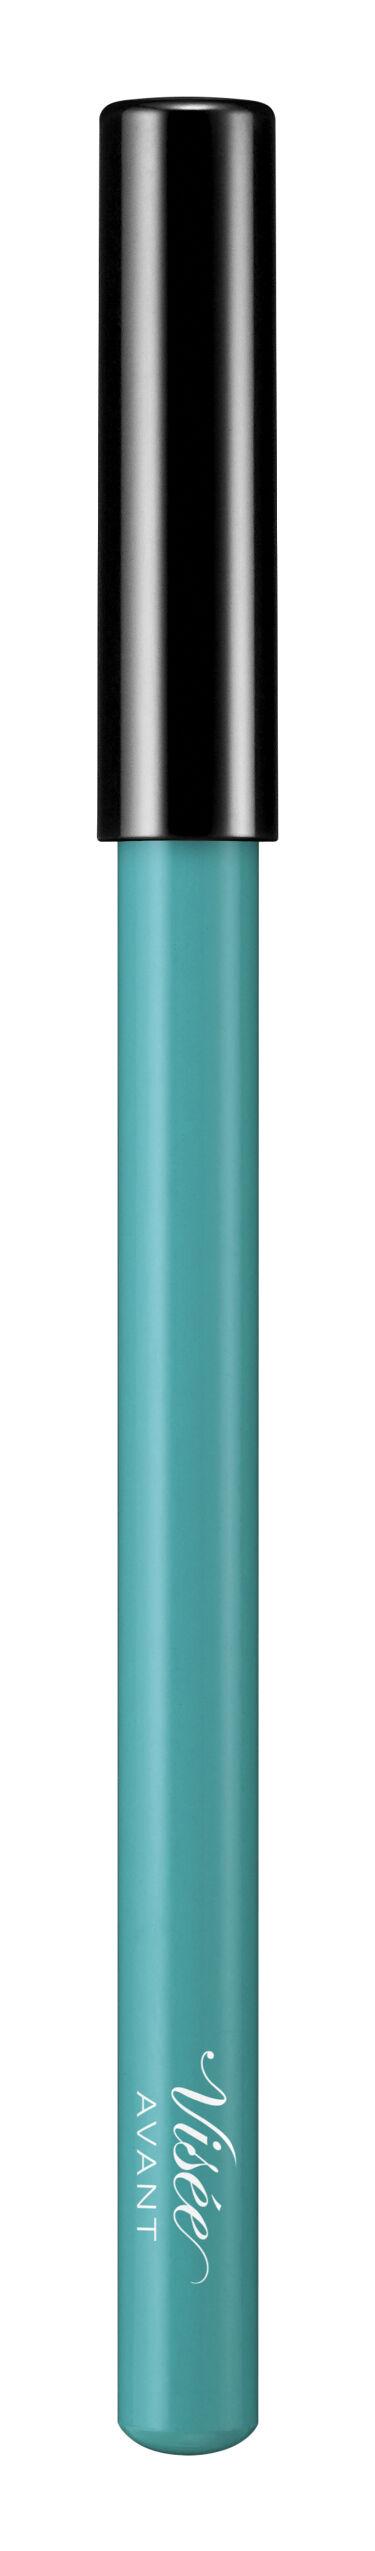 ヴィセ アヴァン リップ&アイカラー ペンシル 022 TURQUOISE